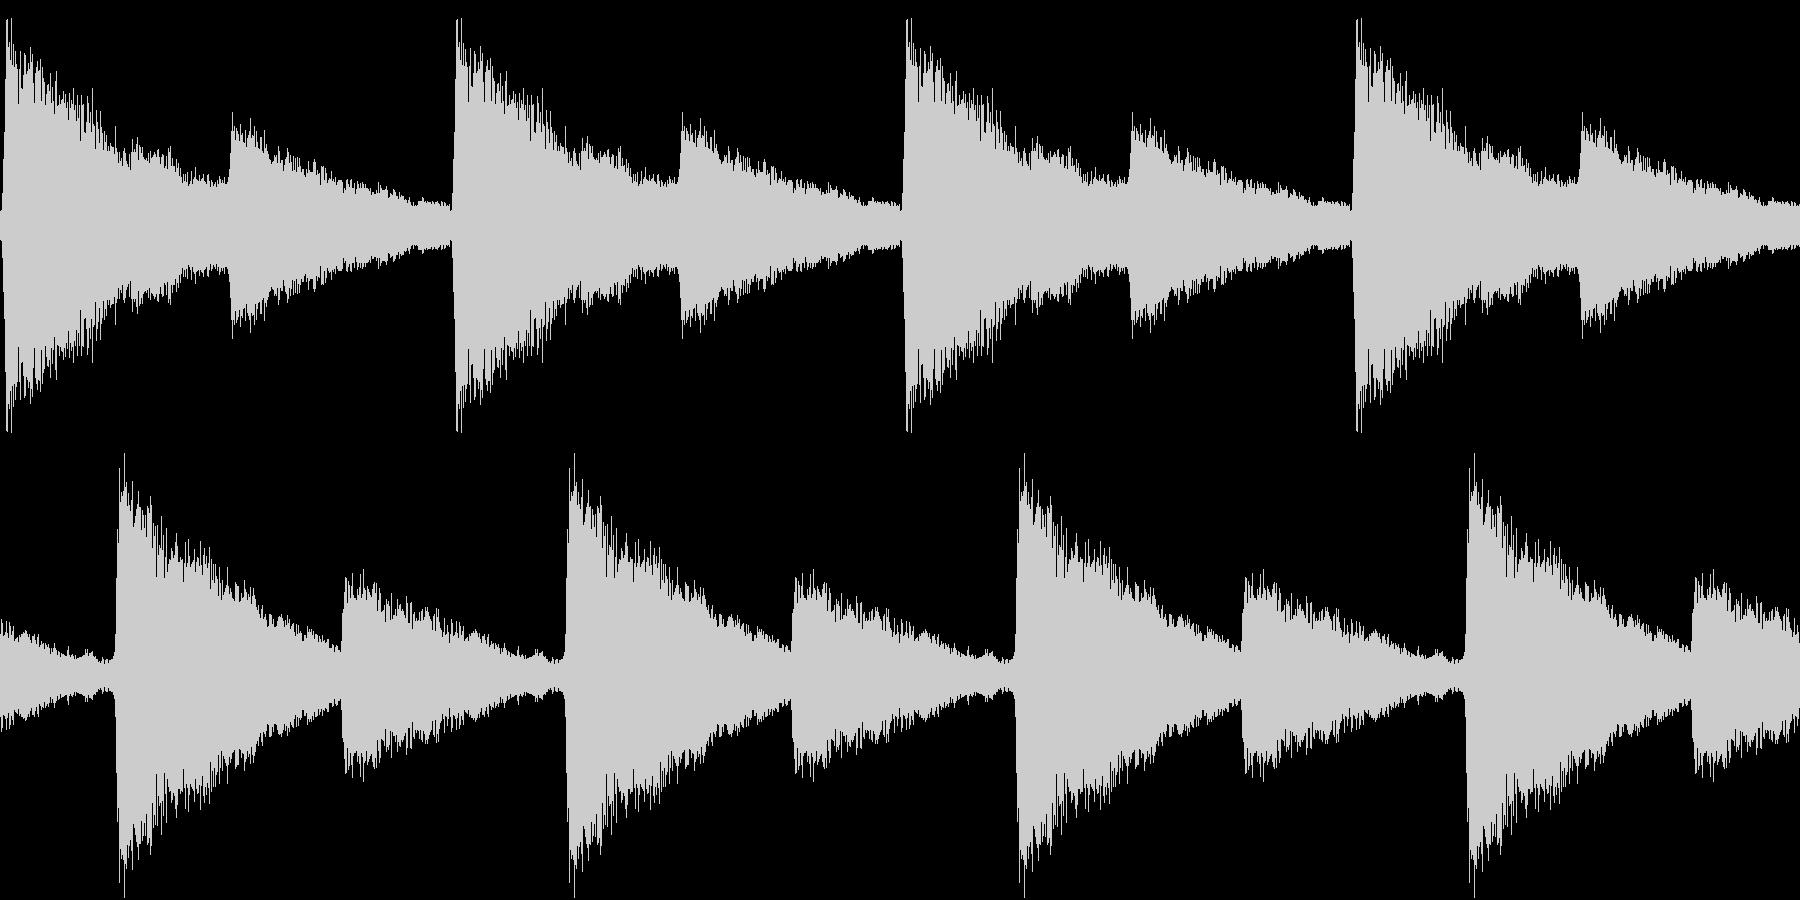 Siren 踏切りのサイレン REMIXの未再生の波形